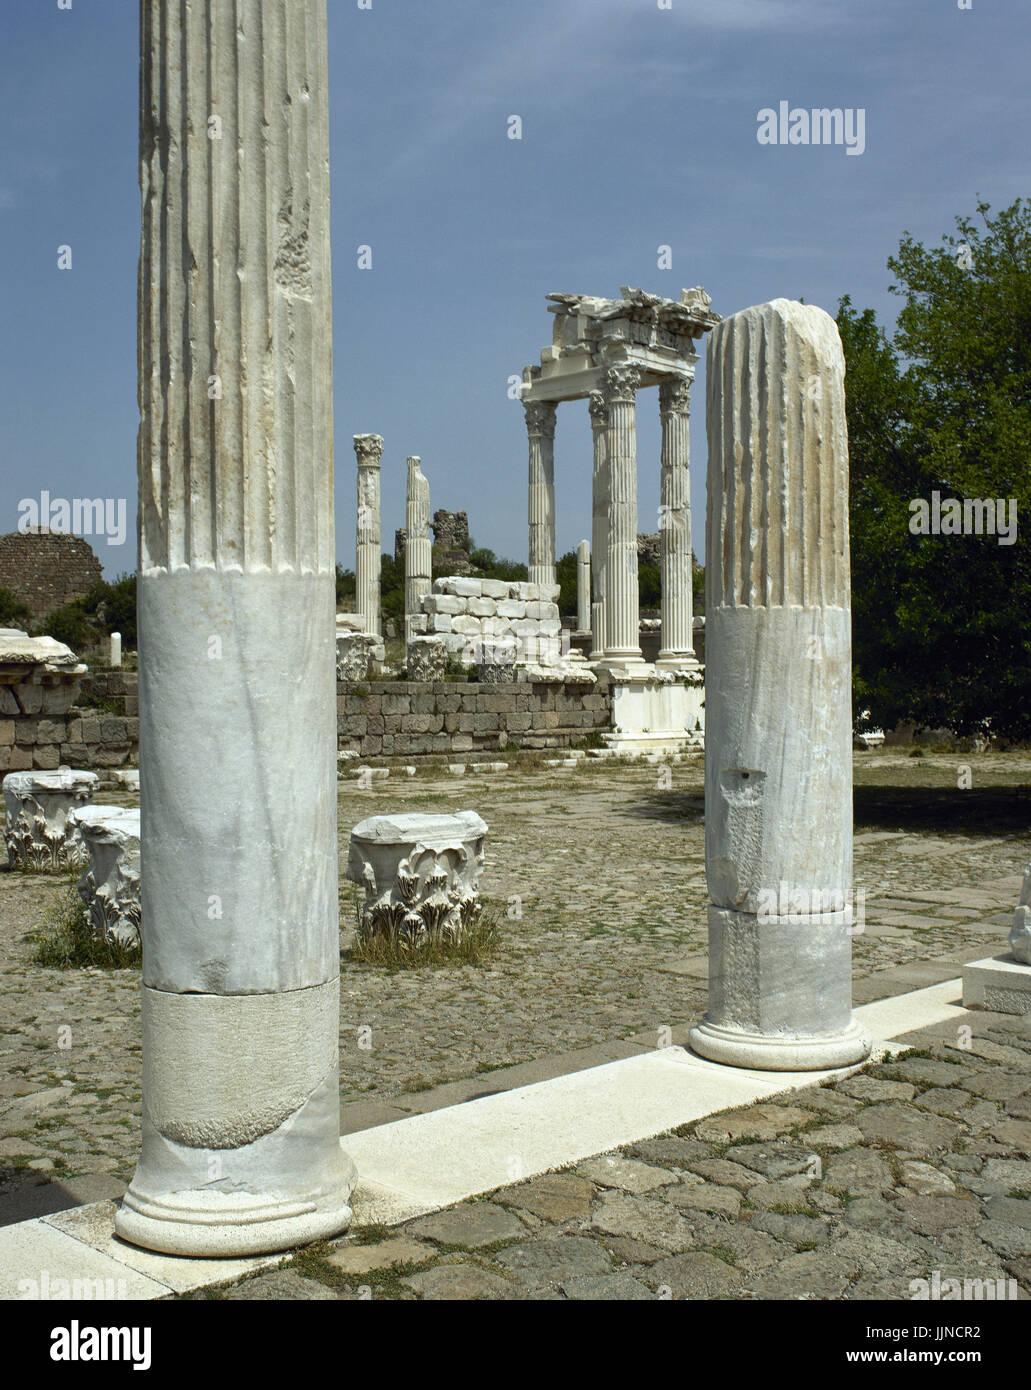 Turkei. Pergamon. Antike griechische Stadt in Aeolis. Der Tempel des Trajan auf der oberen Akropolis. Stockbild